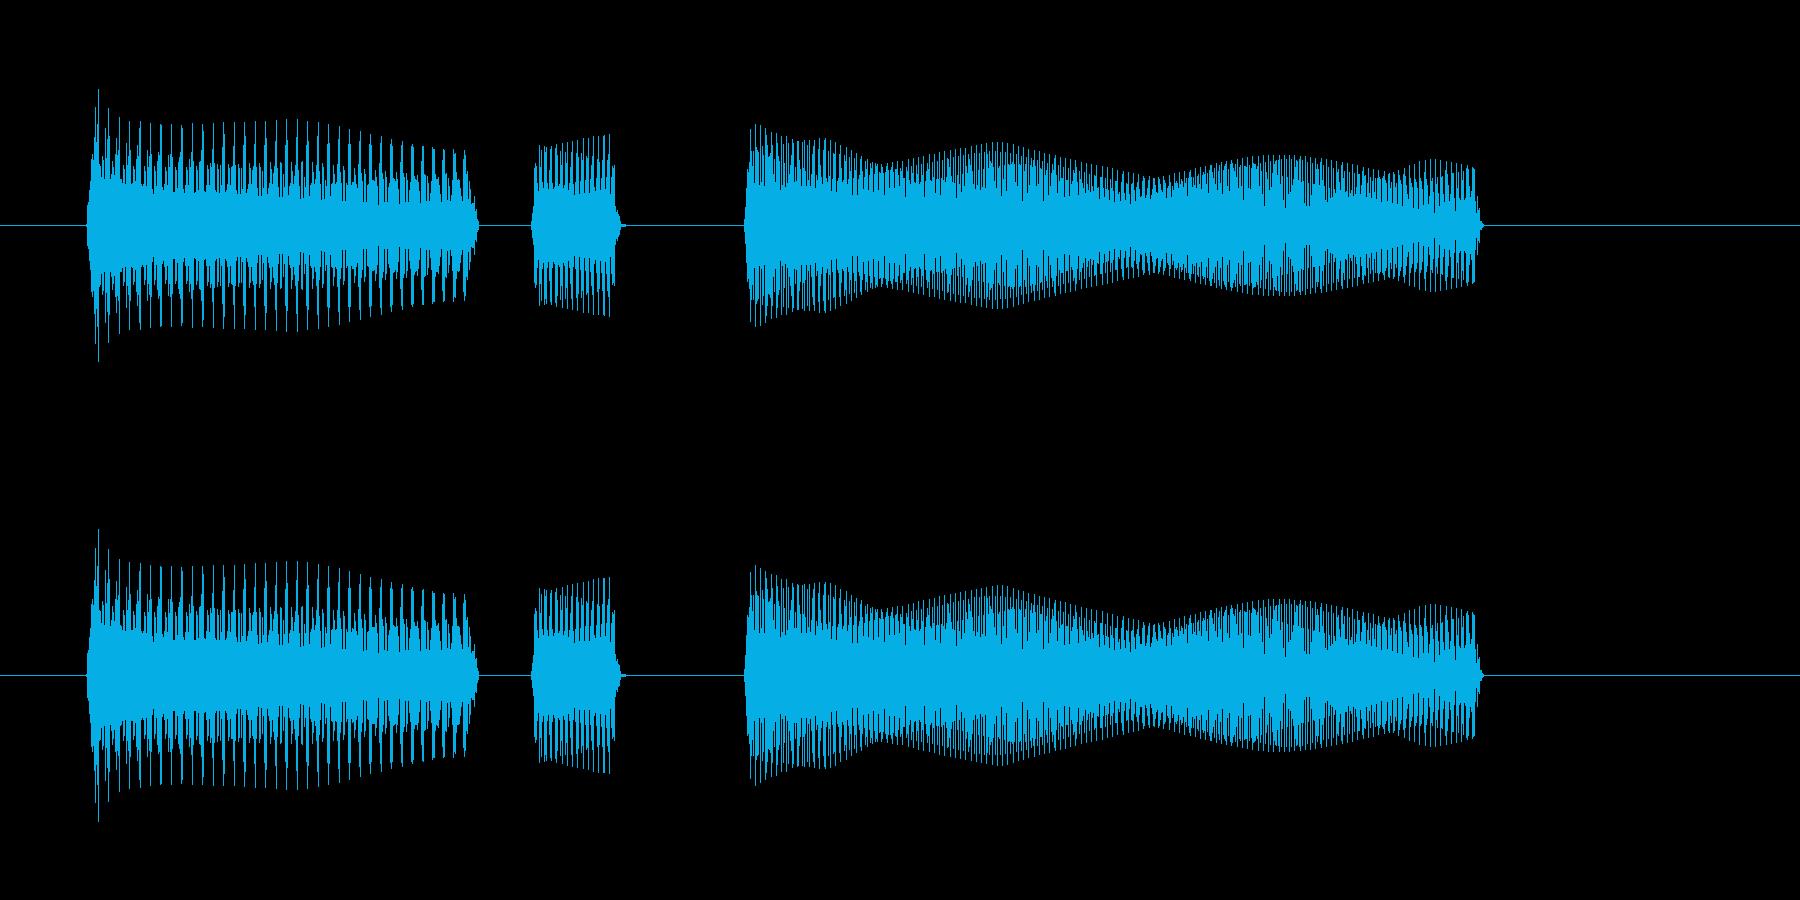 チャララーン!というシンセの上昇アップ音の再生済みの波形